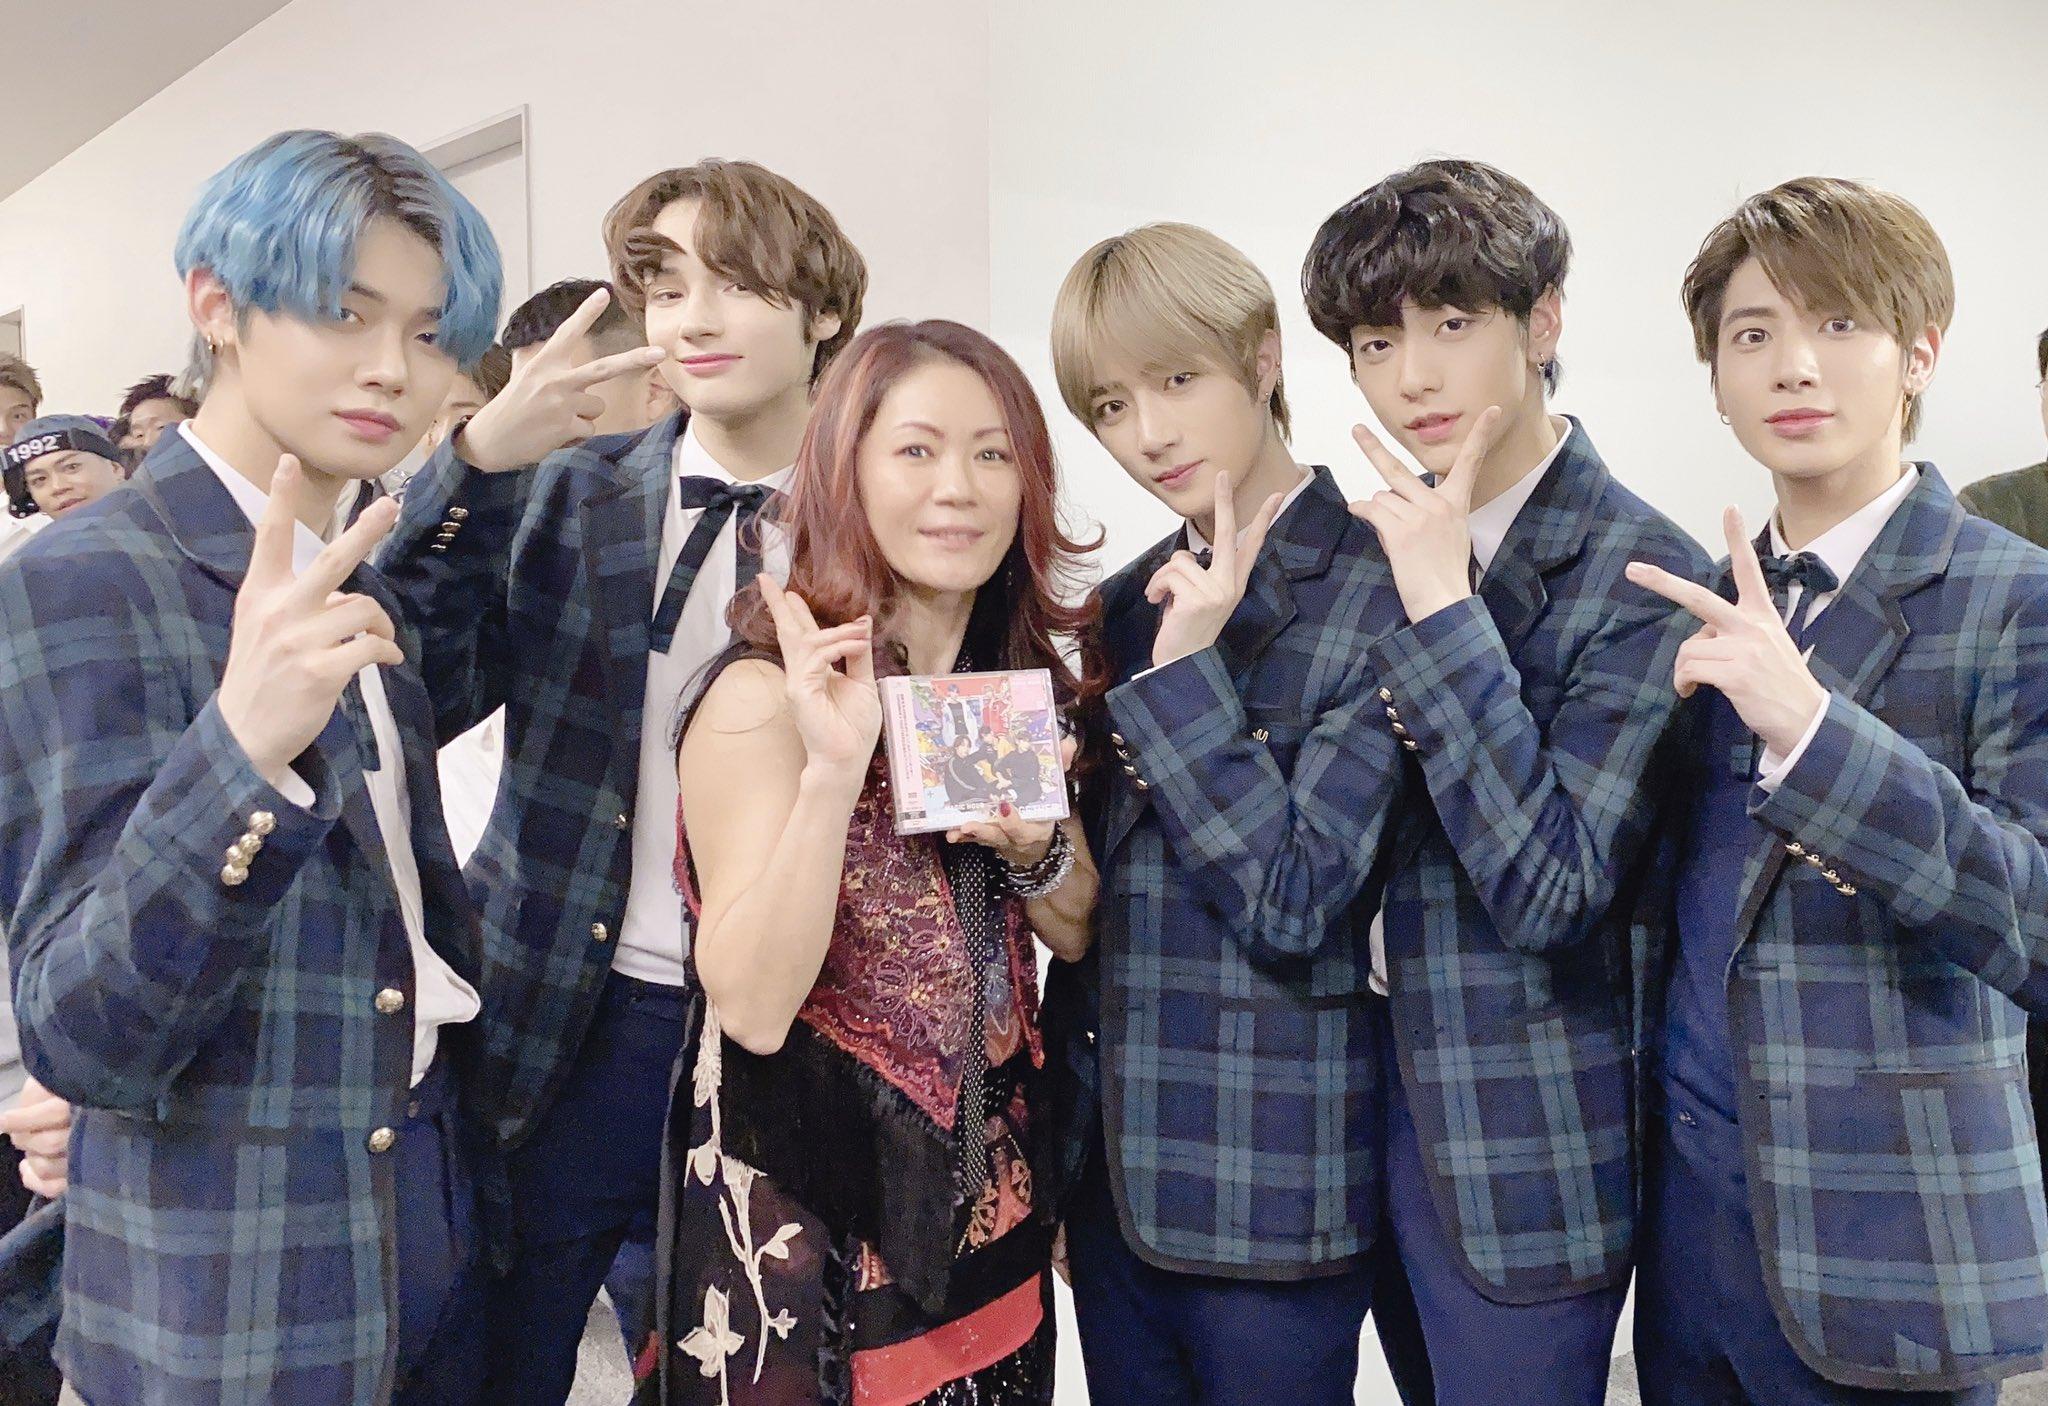 Kata Kunci yang Banyak Dicari Netizen Jepang Tentang Member TXT Setelah Tampil di Music Station Jepang